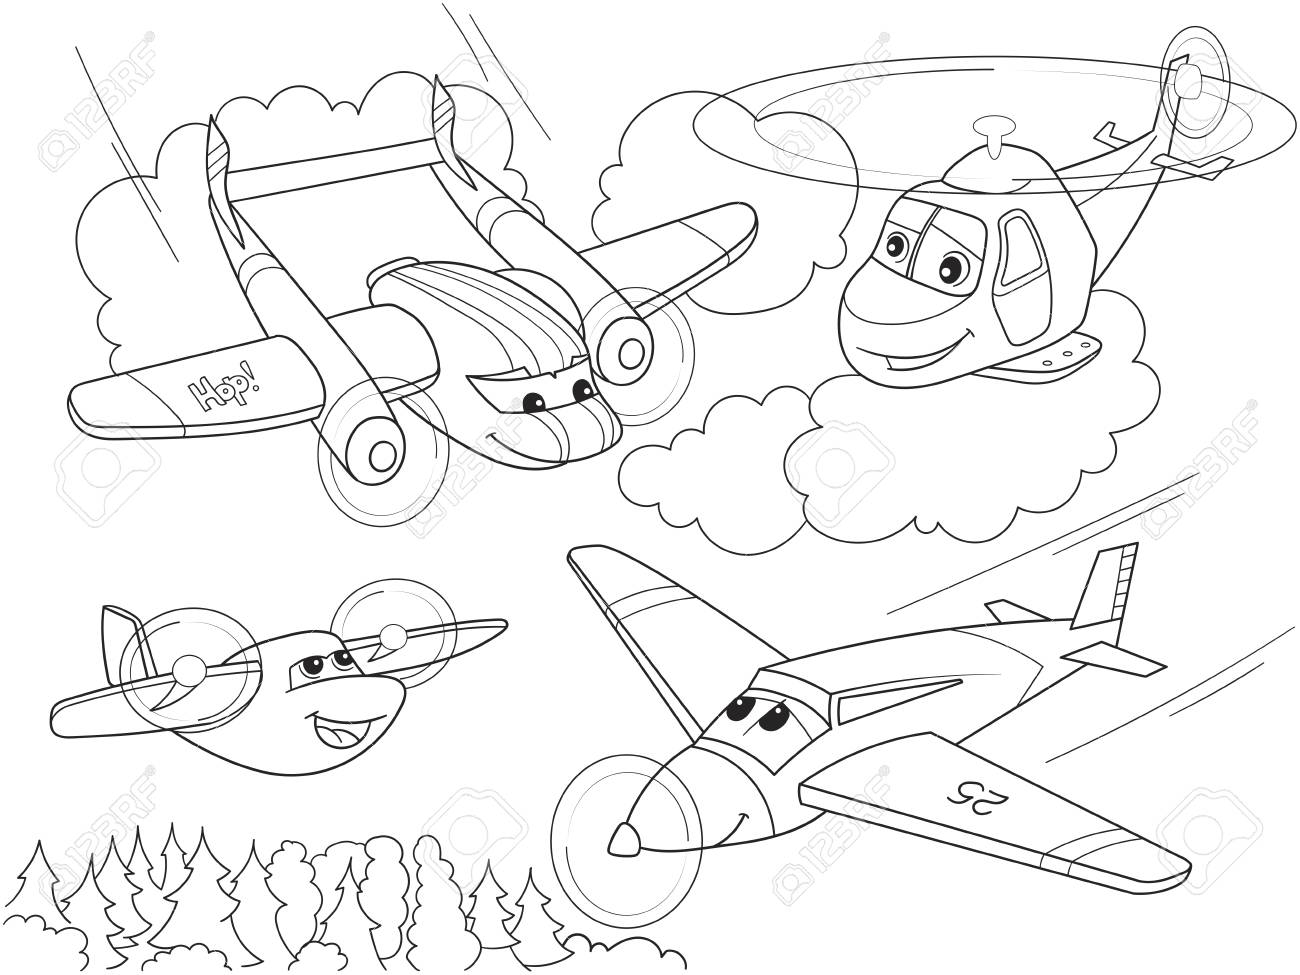 Dibujos Animados Para Colorear Helicópteros Y Aviones Con Caras